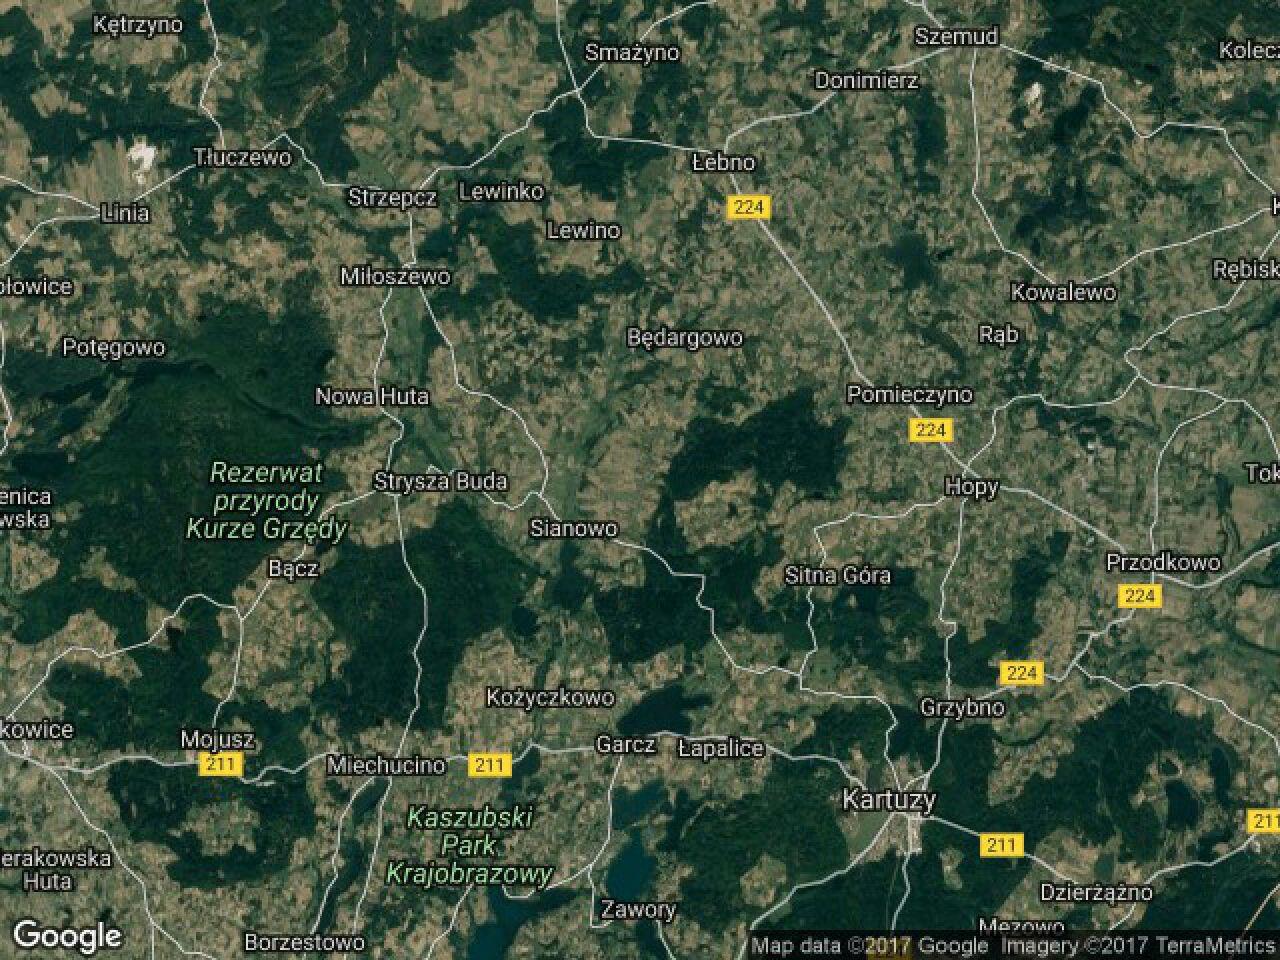 Działka rolno-budowlana Kolonia Borowiec, Kolonia 120